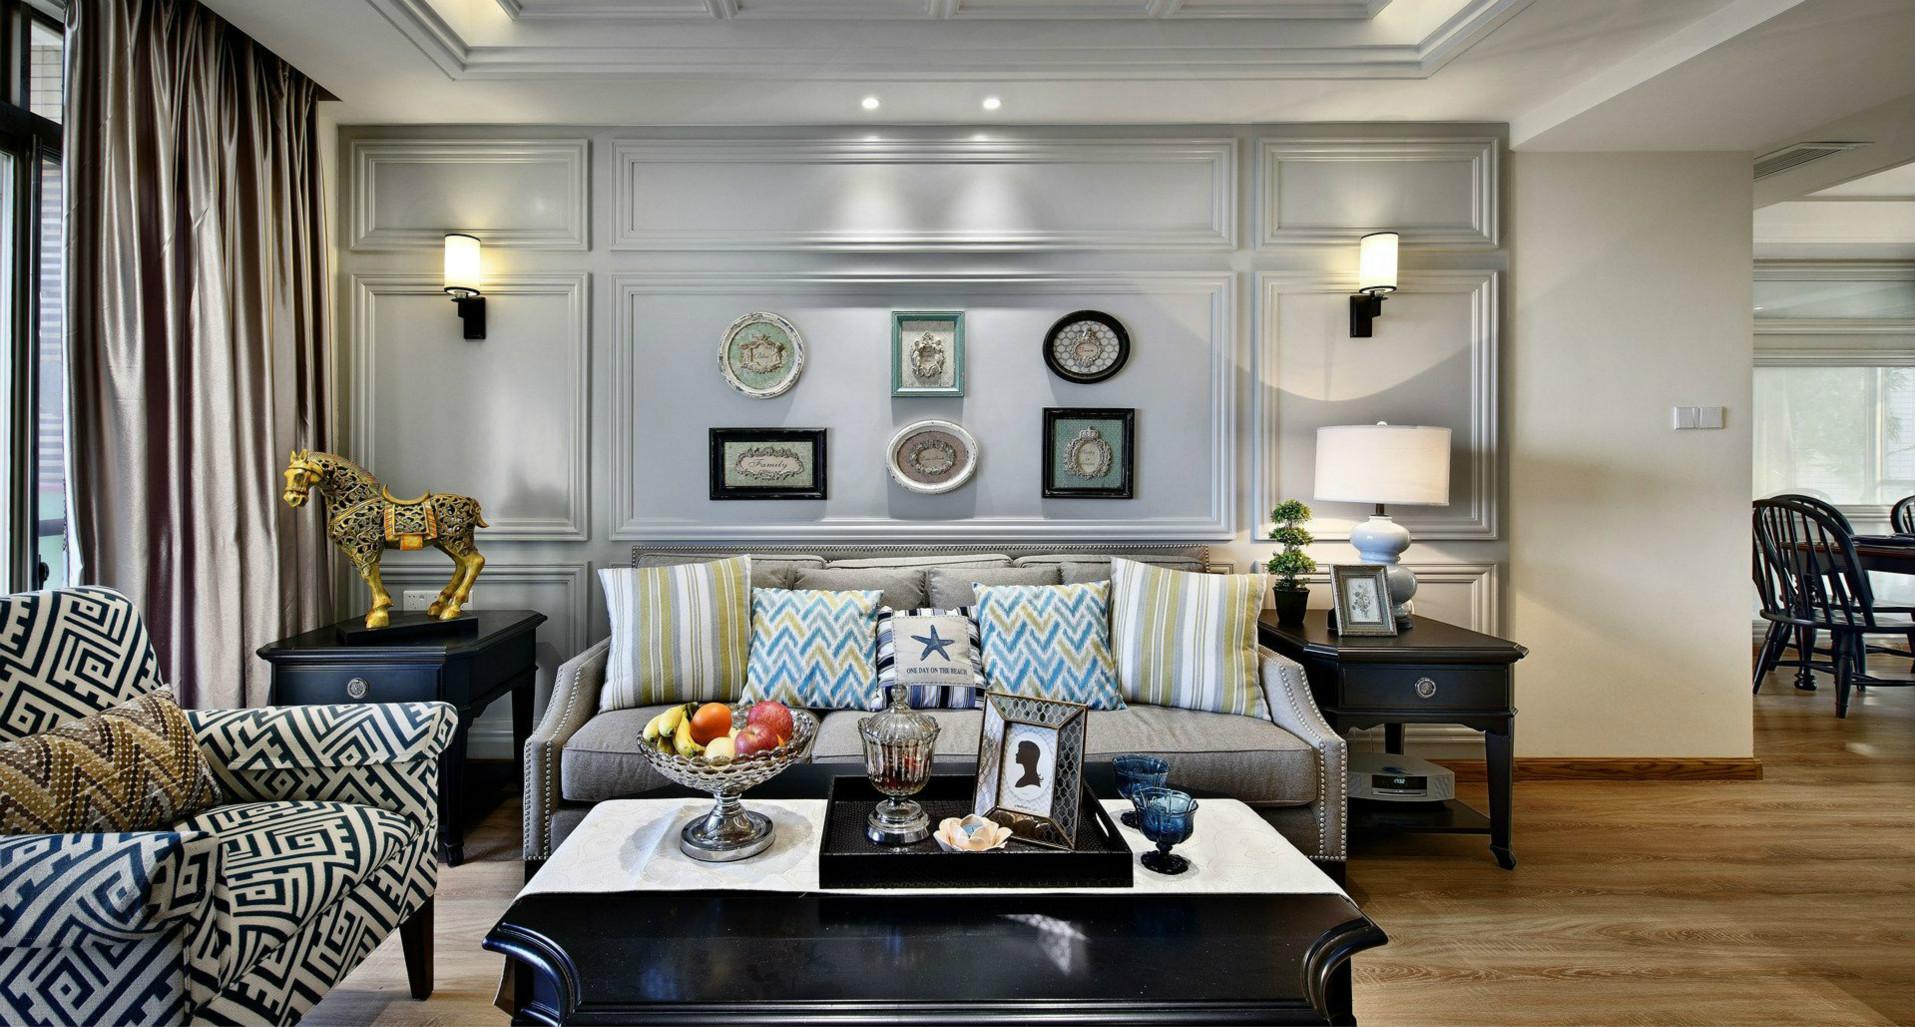 背景墙贯穿整个空间,显得气质非凡。绿植的摆放不仅增添了生机,还与沙发墙上的挂画相呼应。